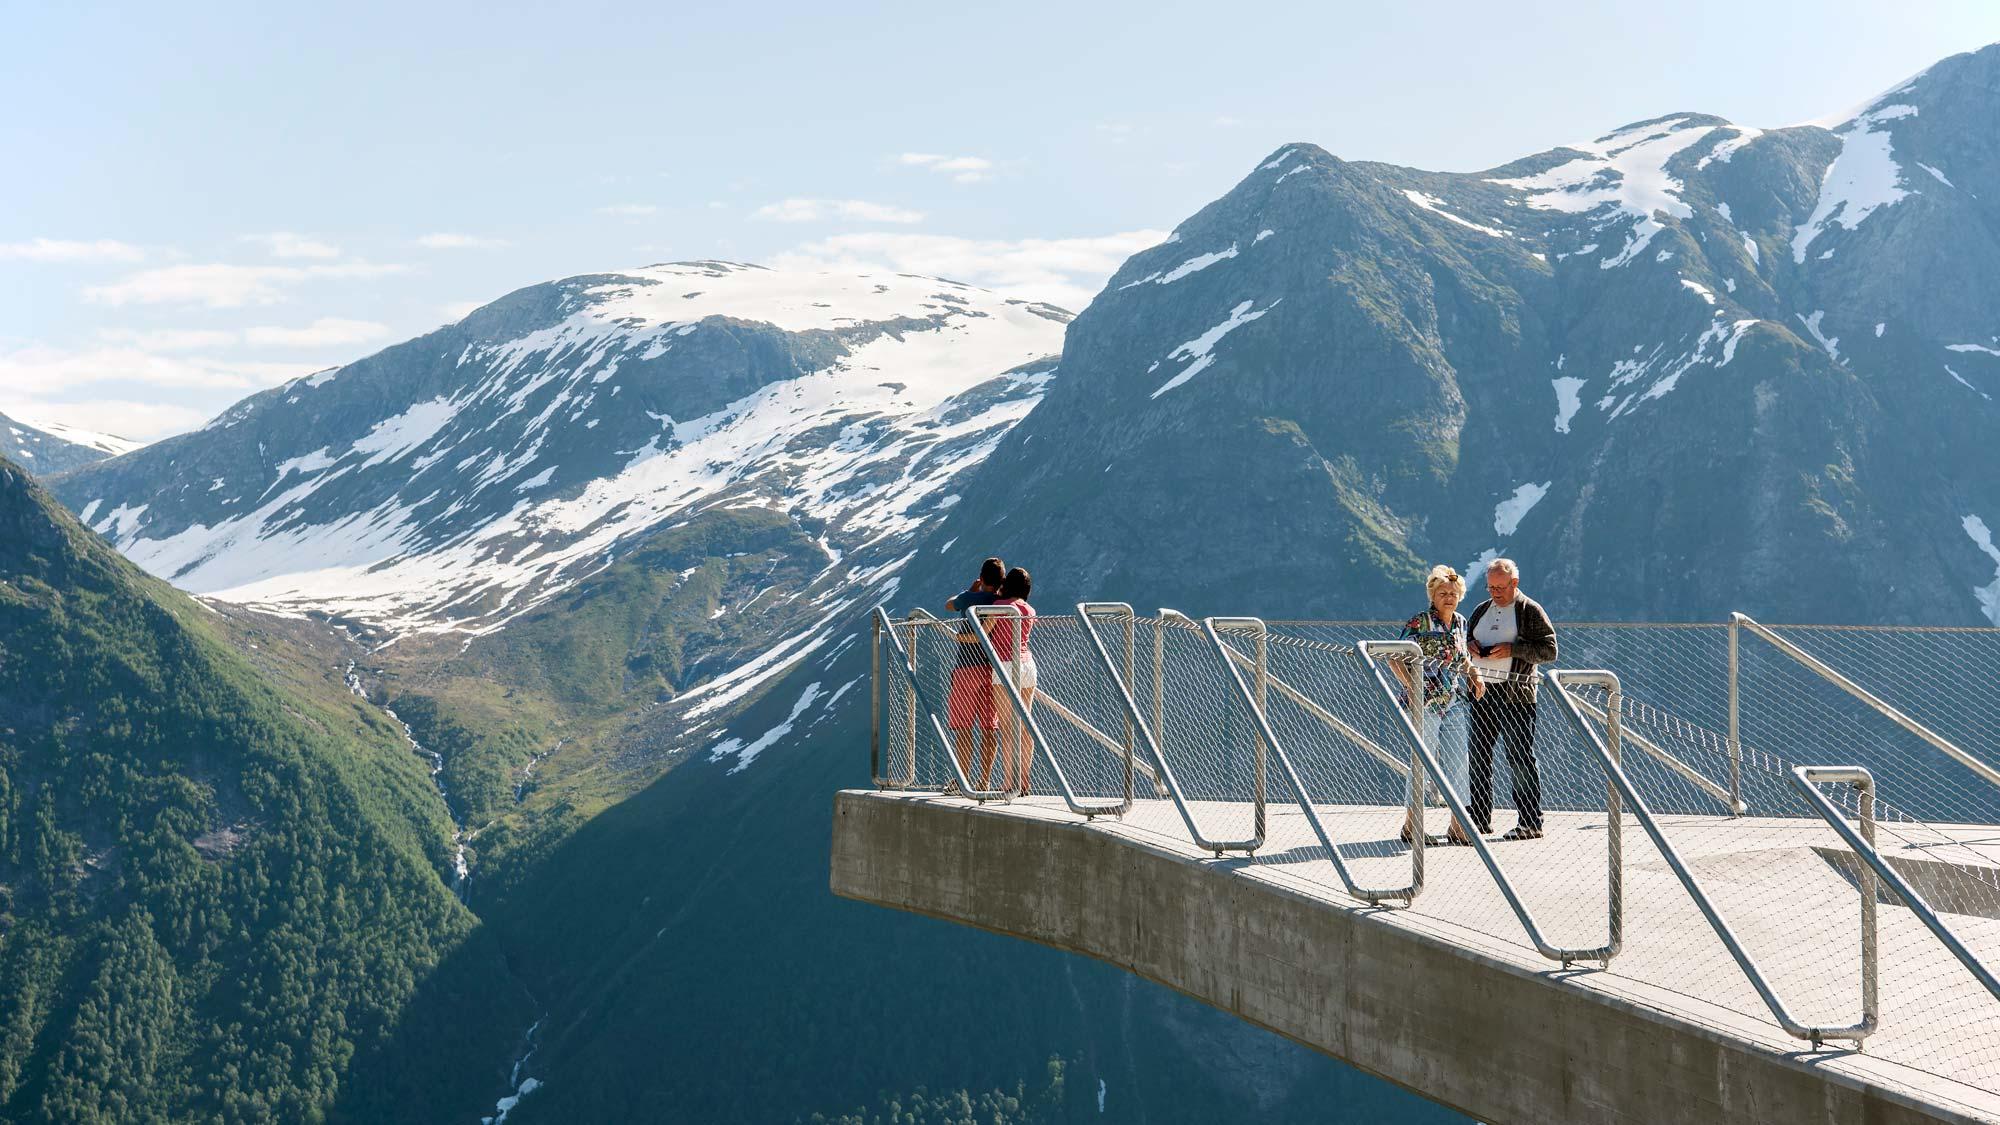 Foto: Jiri Havran, Nasjonale turistveger.